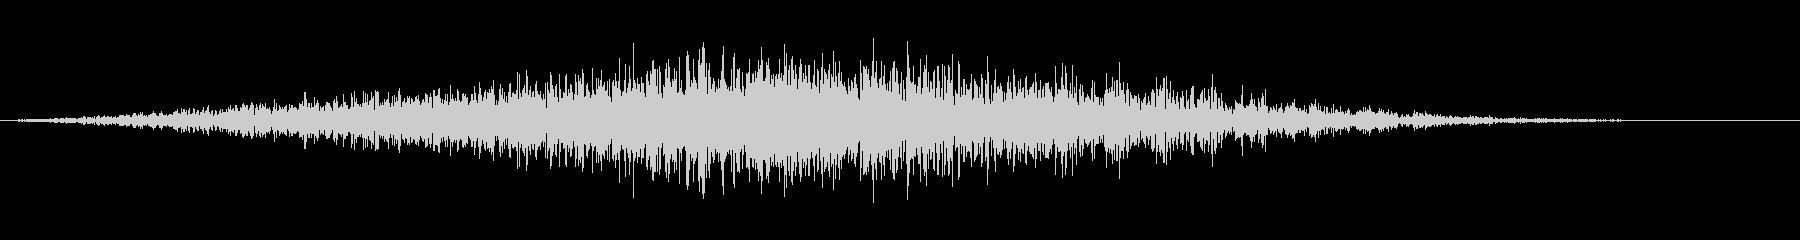 シューシュフーシュの未再生の波形